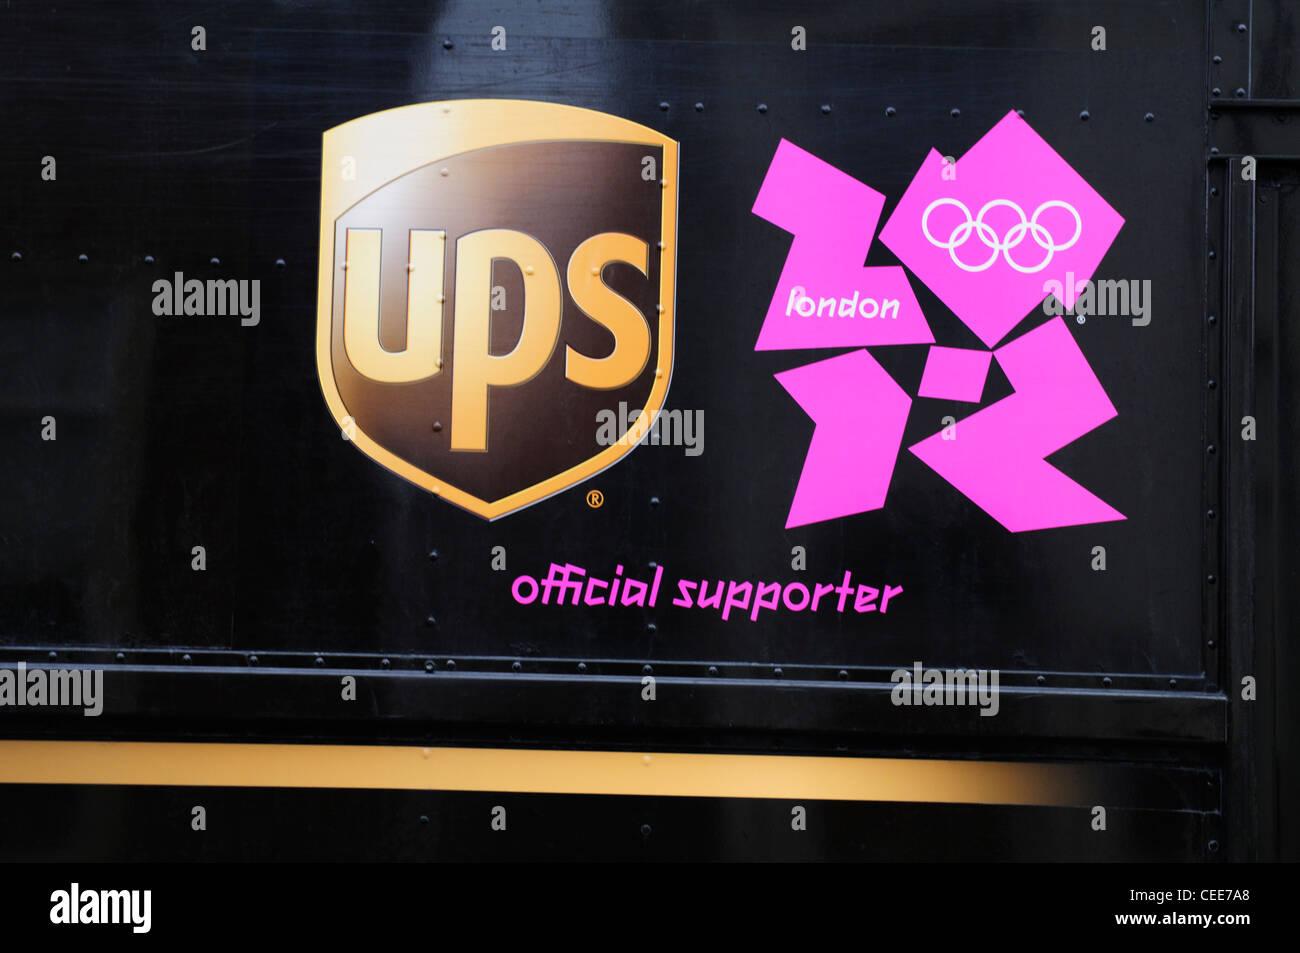 UPS Parcel Delivery Courier autocarro dettaglio con Londra 2012 Supporter Ufficiale Logo, Cambridge, Inghilterra, Immagini Stock